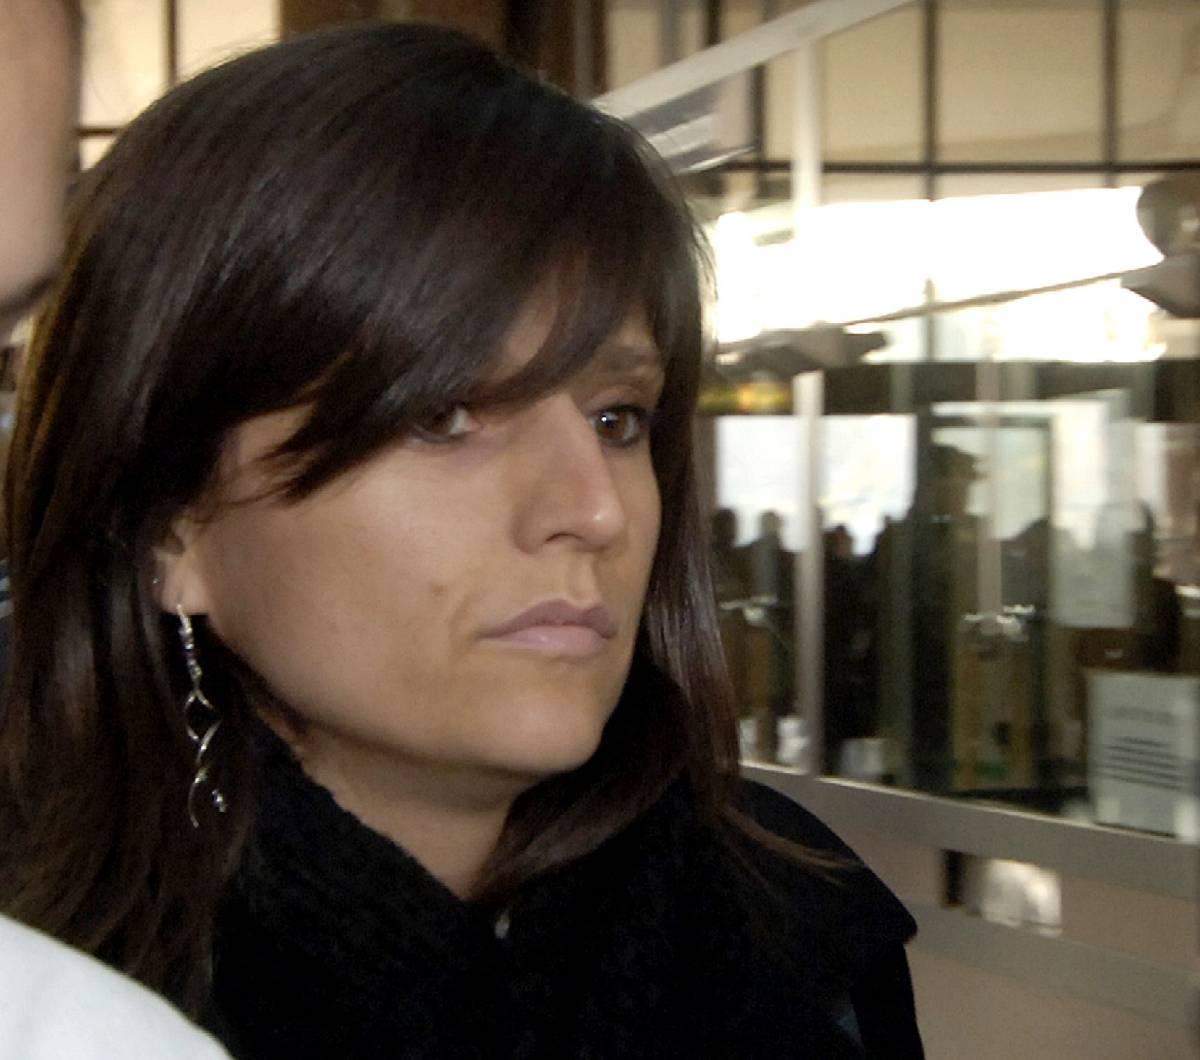 """Cogne, il Pg: """"Condanna a trent'anni""""  La Franzoni in lacrime: """"Non l'ho ucciso io"""""""